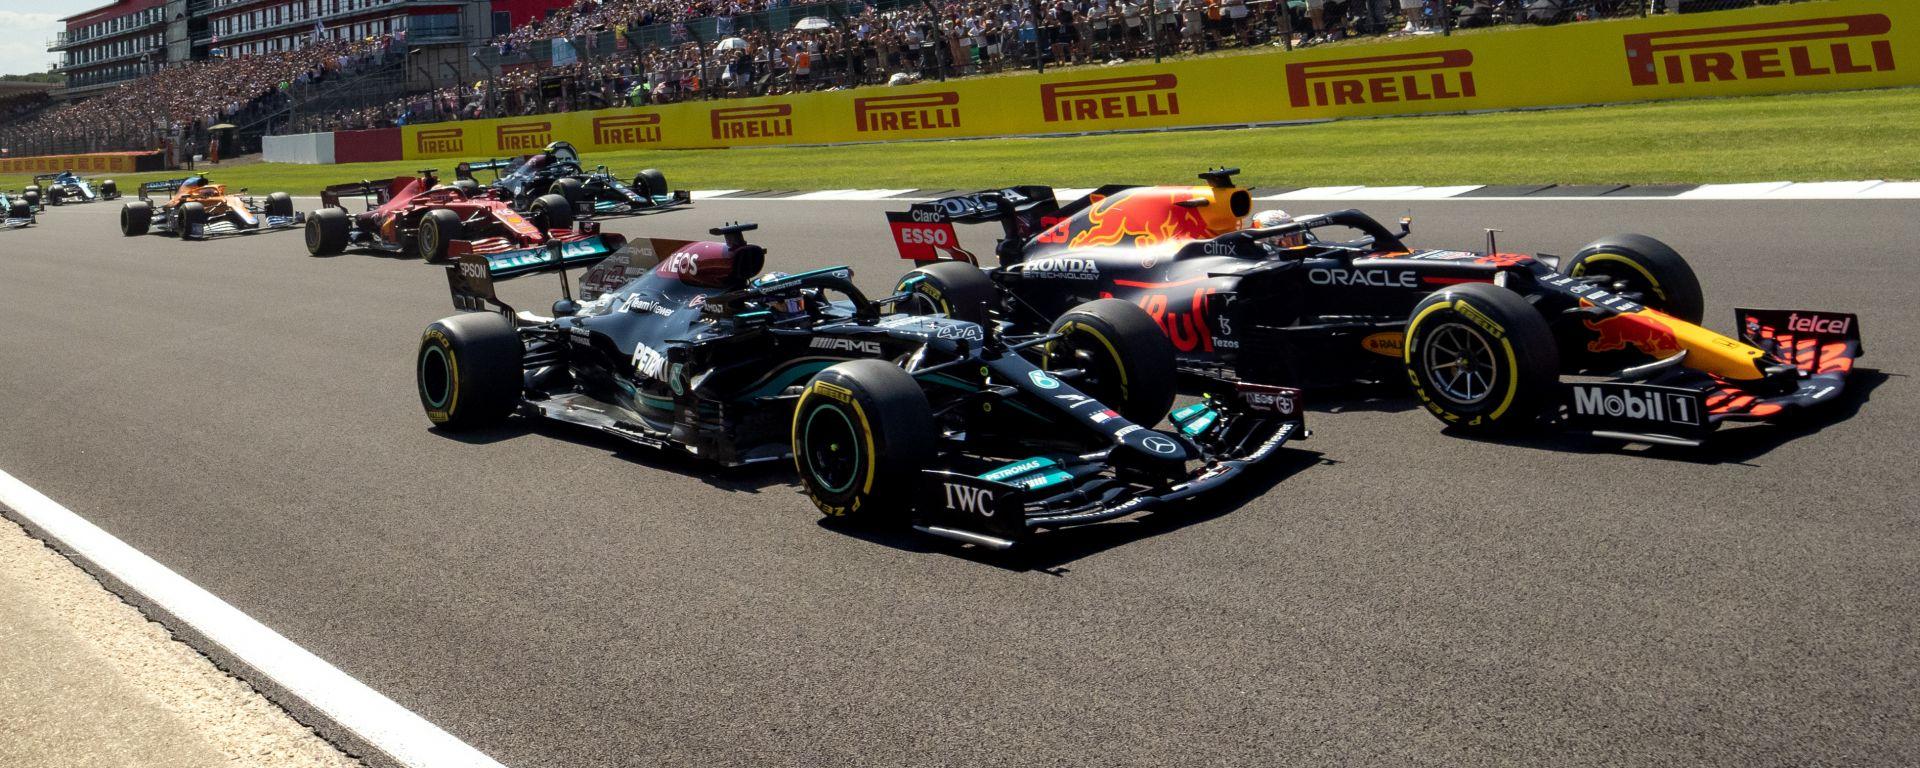 F1 GP Gran Bretagna 2021, Silverstone: Verstappen (Red Bull) e Hamilton (Mercedes) appaiati al via